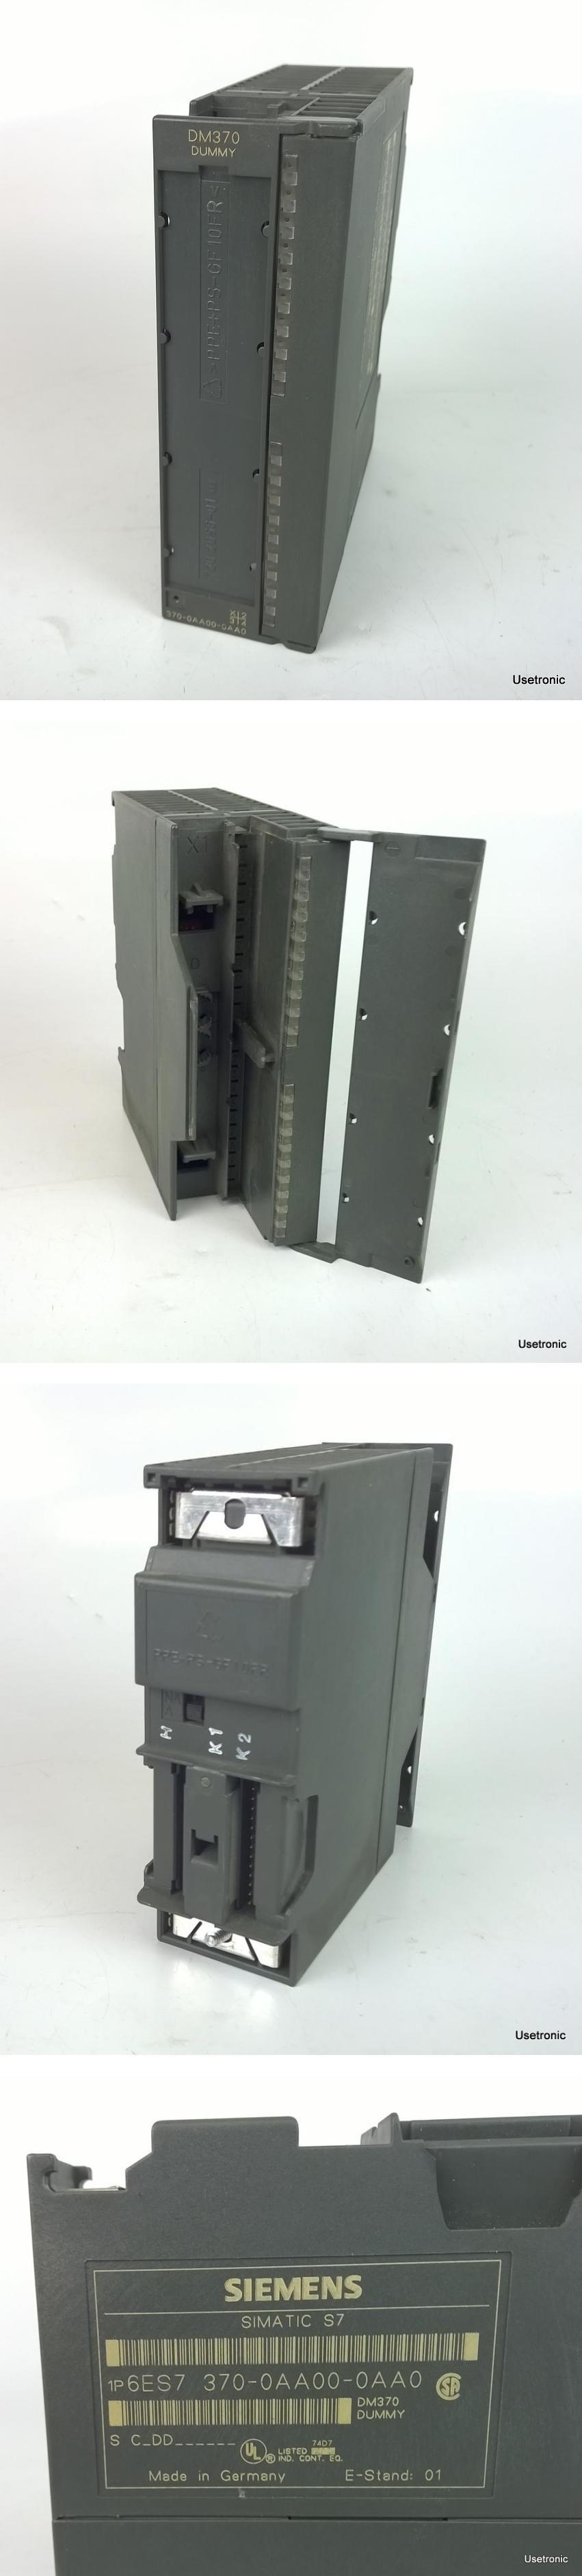 Siemens 6ES7370-0AA00-0AA0